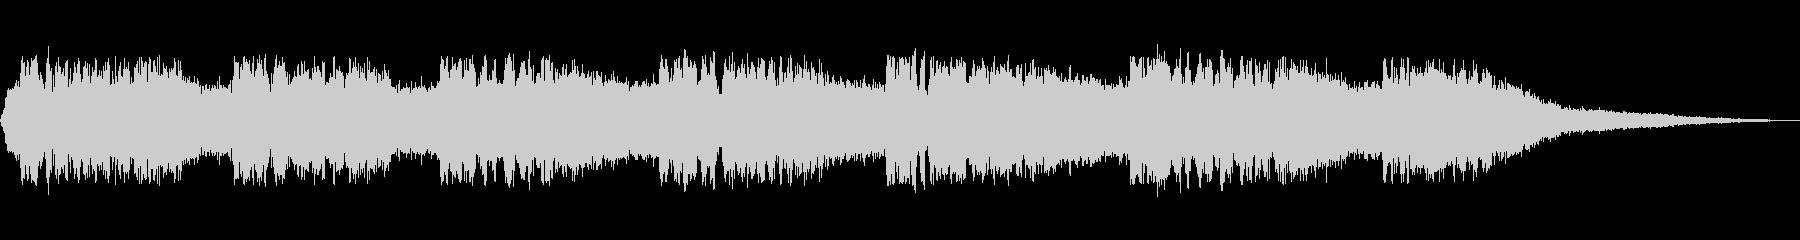 ミンミンゼミの鳴き声の未再生の波形